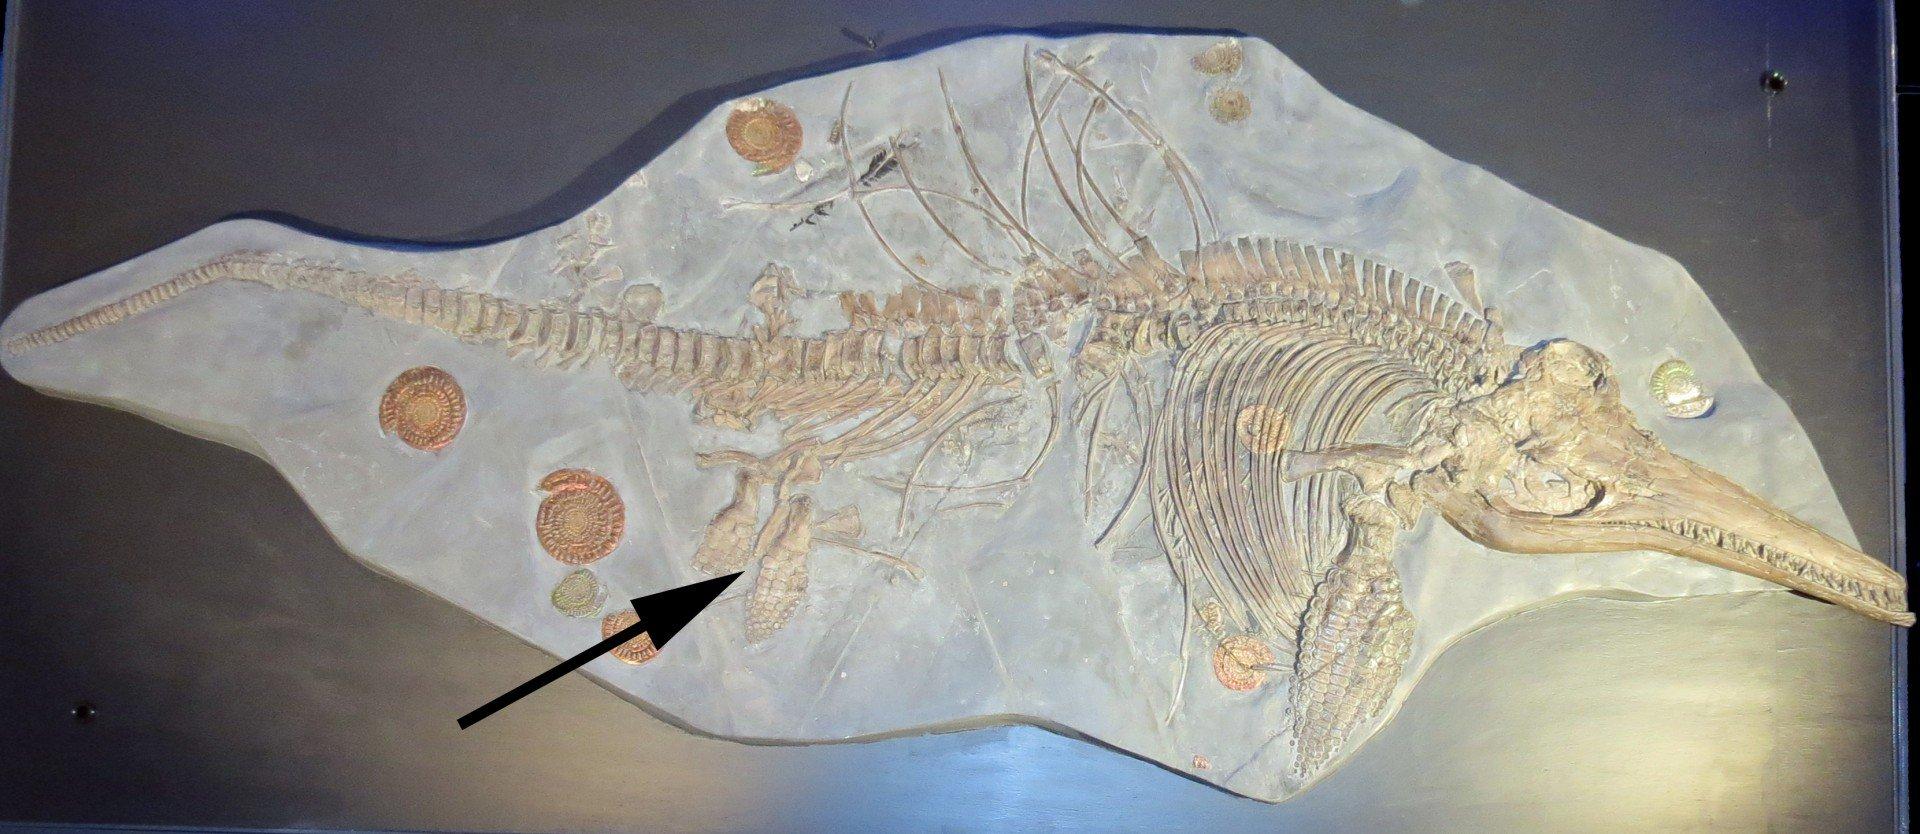 Ichthyosaur skeleton Niedersächsisches Landesmuseum Lower Saxony State Museum Germany (2)